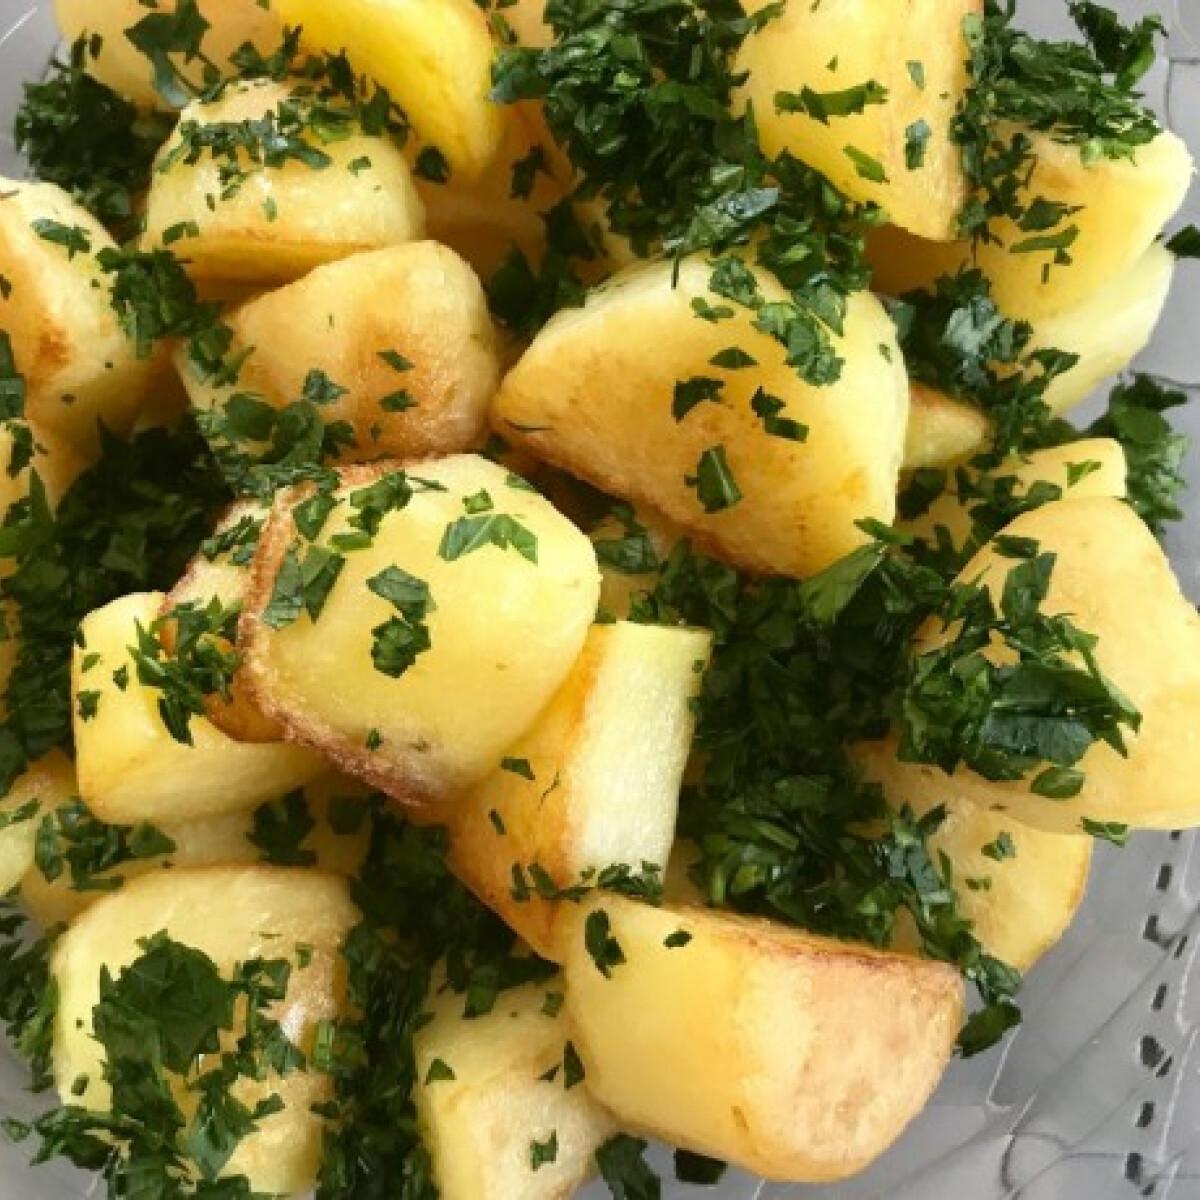 Főtt-sült újkrumpli petrezselyemmel